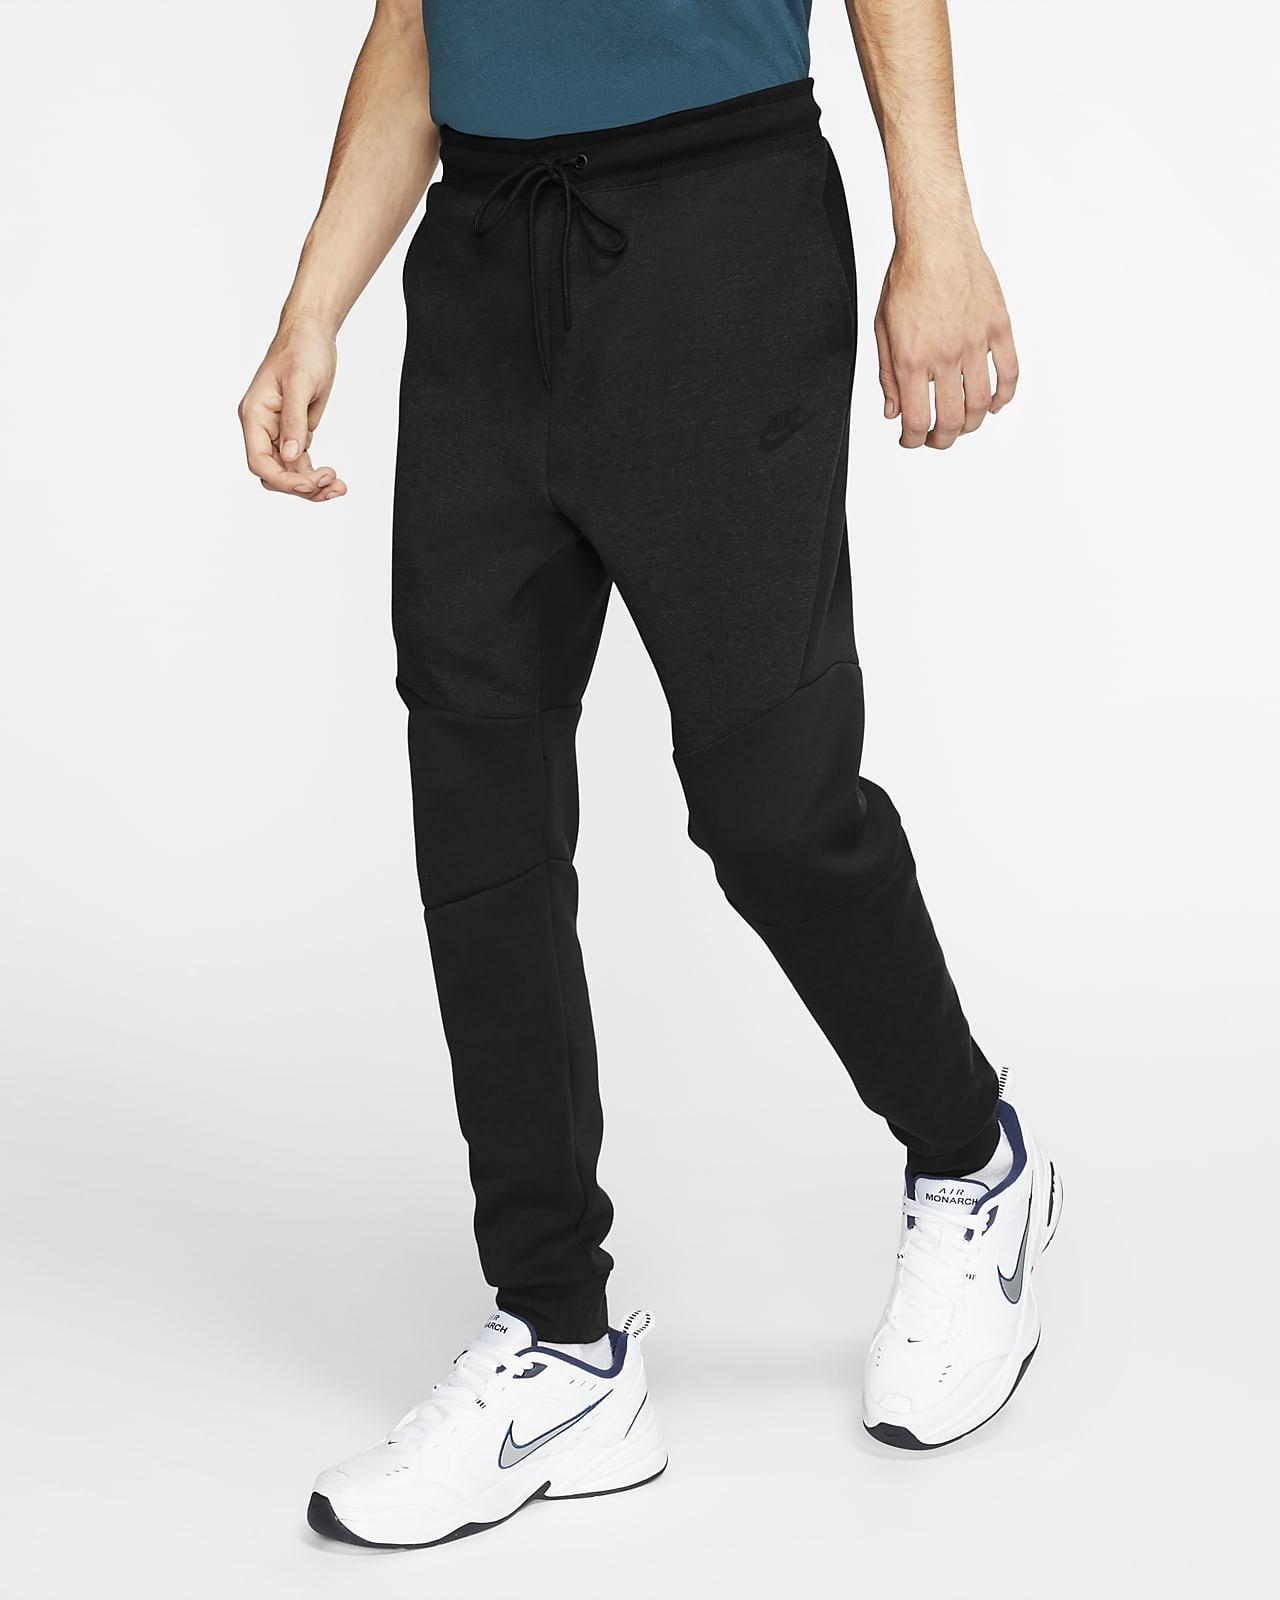 curva Nuestra compañía reparar  Pantalones deportivos para hombre Nike Sportswear Tech Fleece. Nike MX